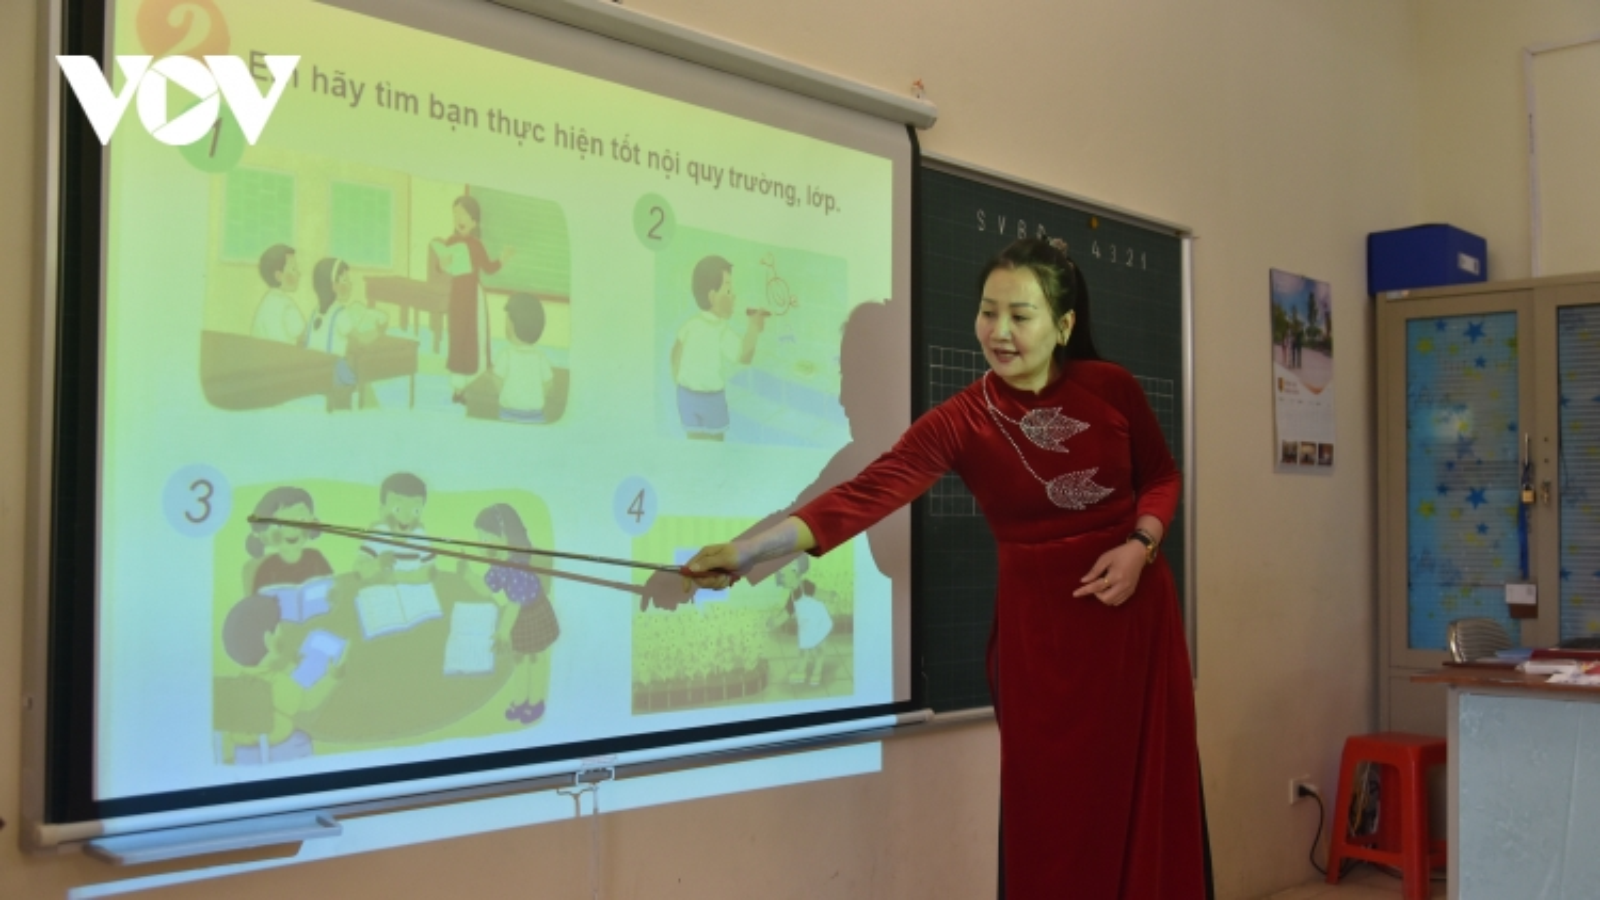 Thiếu hàng ngàn giáo viên, địa phương loay hoay trong tổ chức dạy học